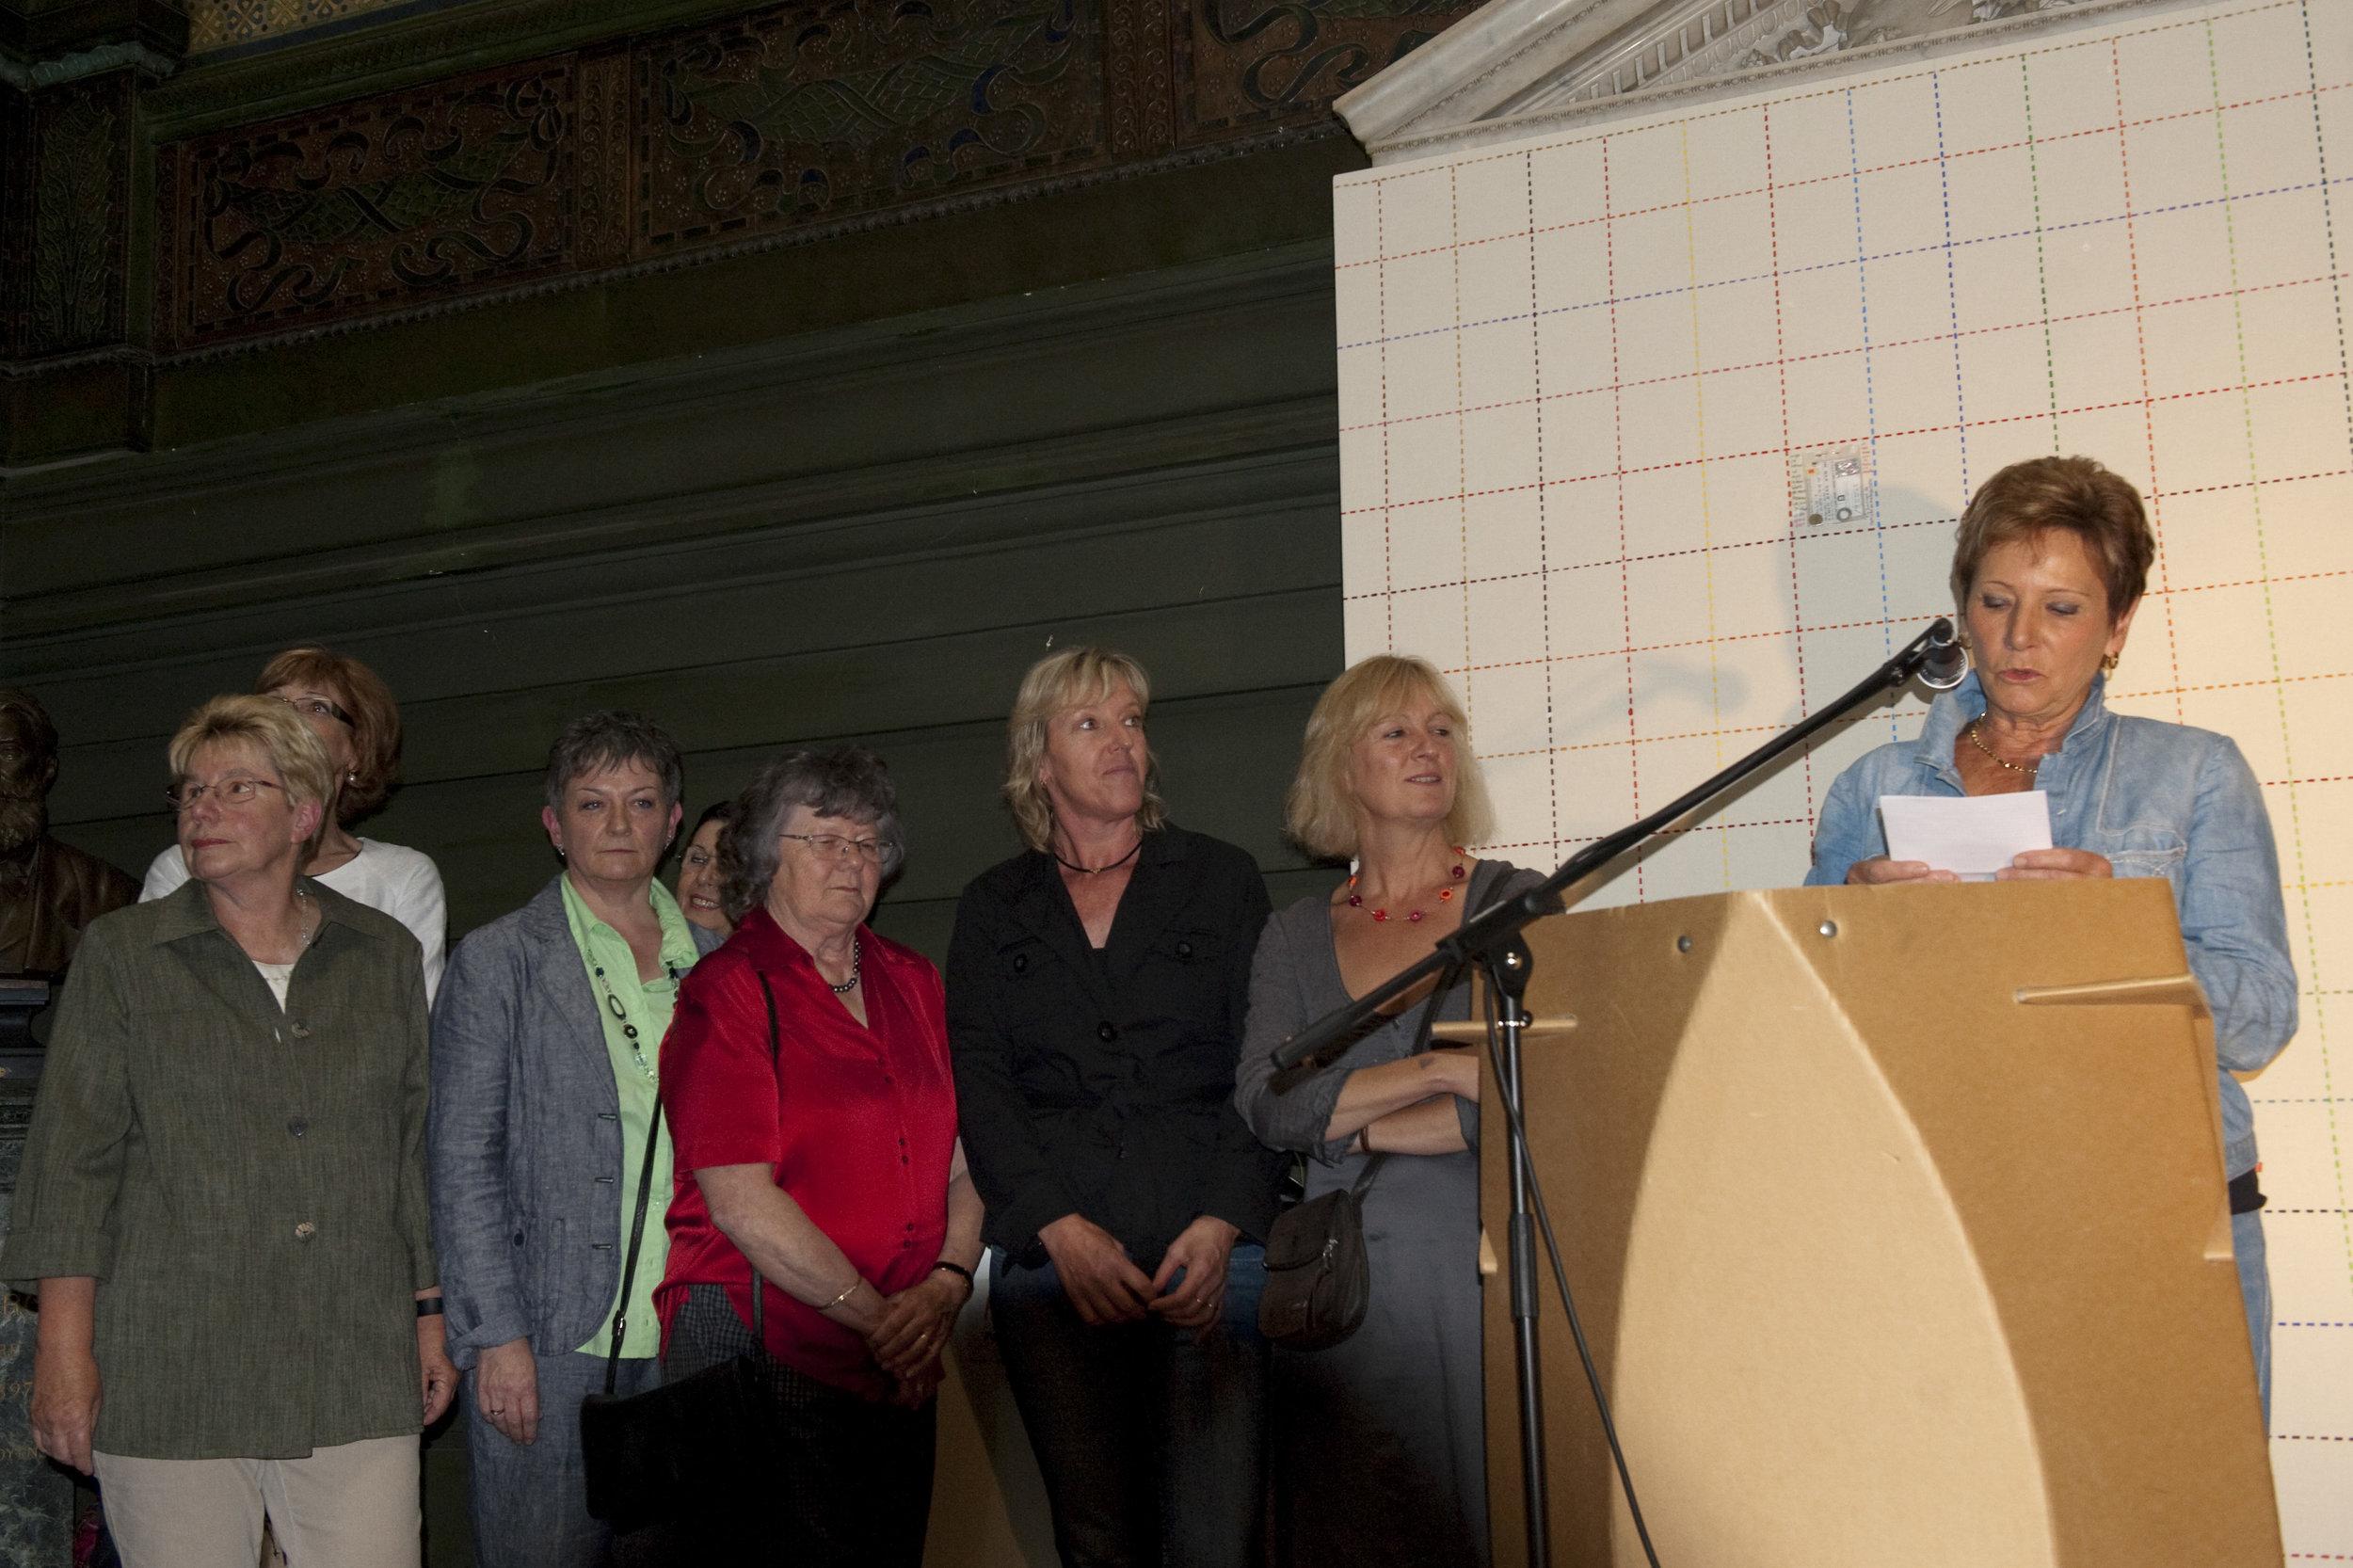 """Discours de Violaine Barrelet, présidente d'ARTHIS, lors de la remise du prix que l'association a décerné au collectif Six Patch pour leur oeuvre """"Strauss bleu"""" le 19 juin 2010"""